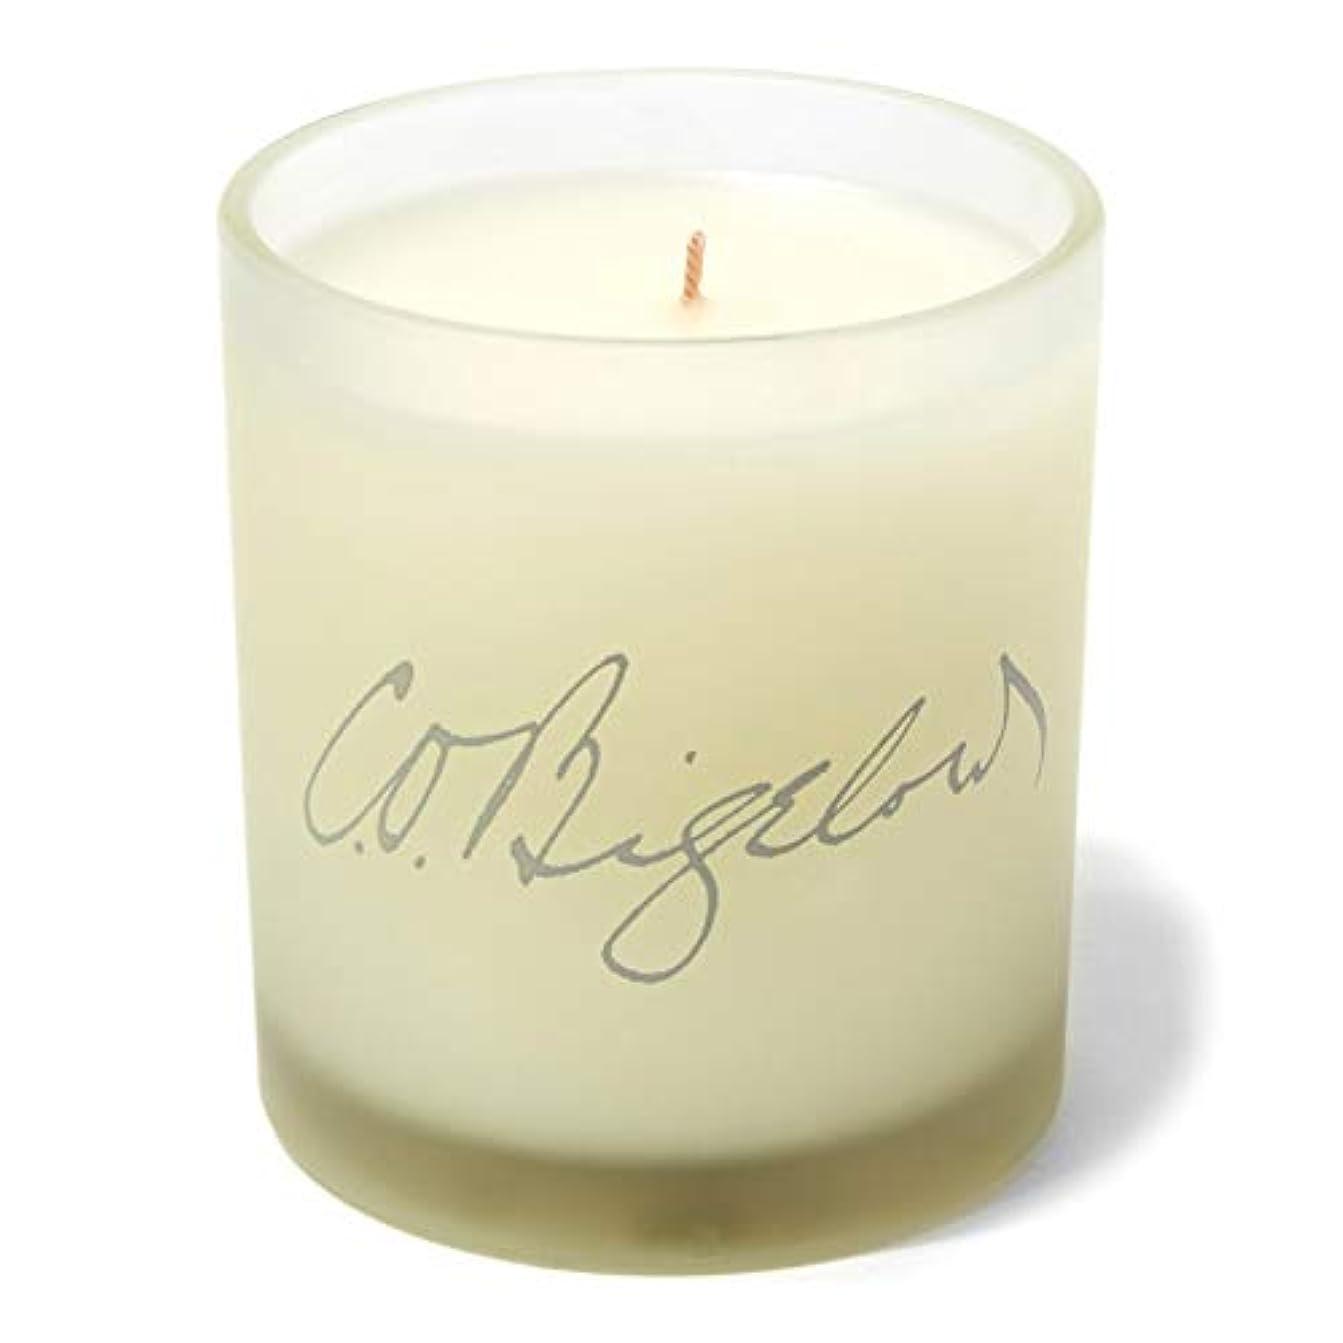 クリーナーヒロイック悪性[C.O. Bigelow] C.O.ビゲローユーカリキャンドル241ミリリットル - C.O. Bigelow Eucalyptus Candle 241ml [並行輸入品]